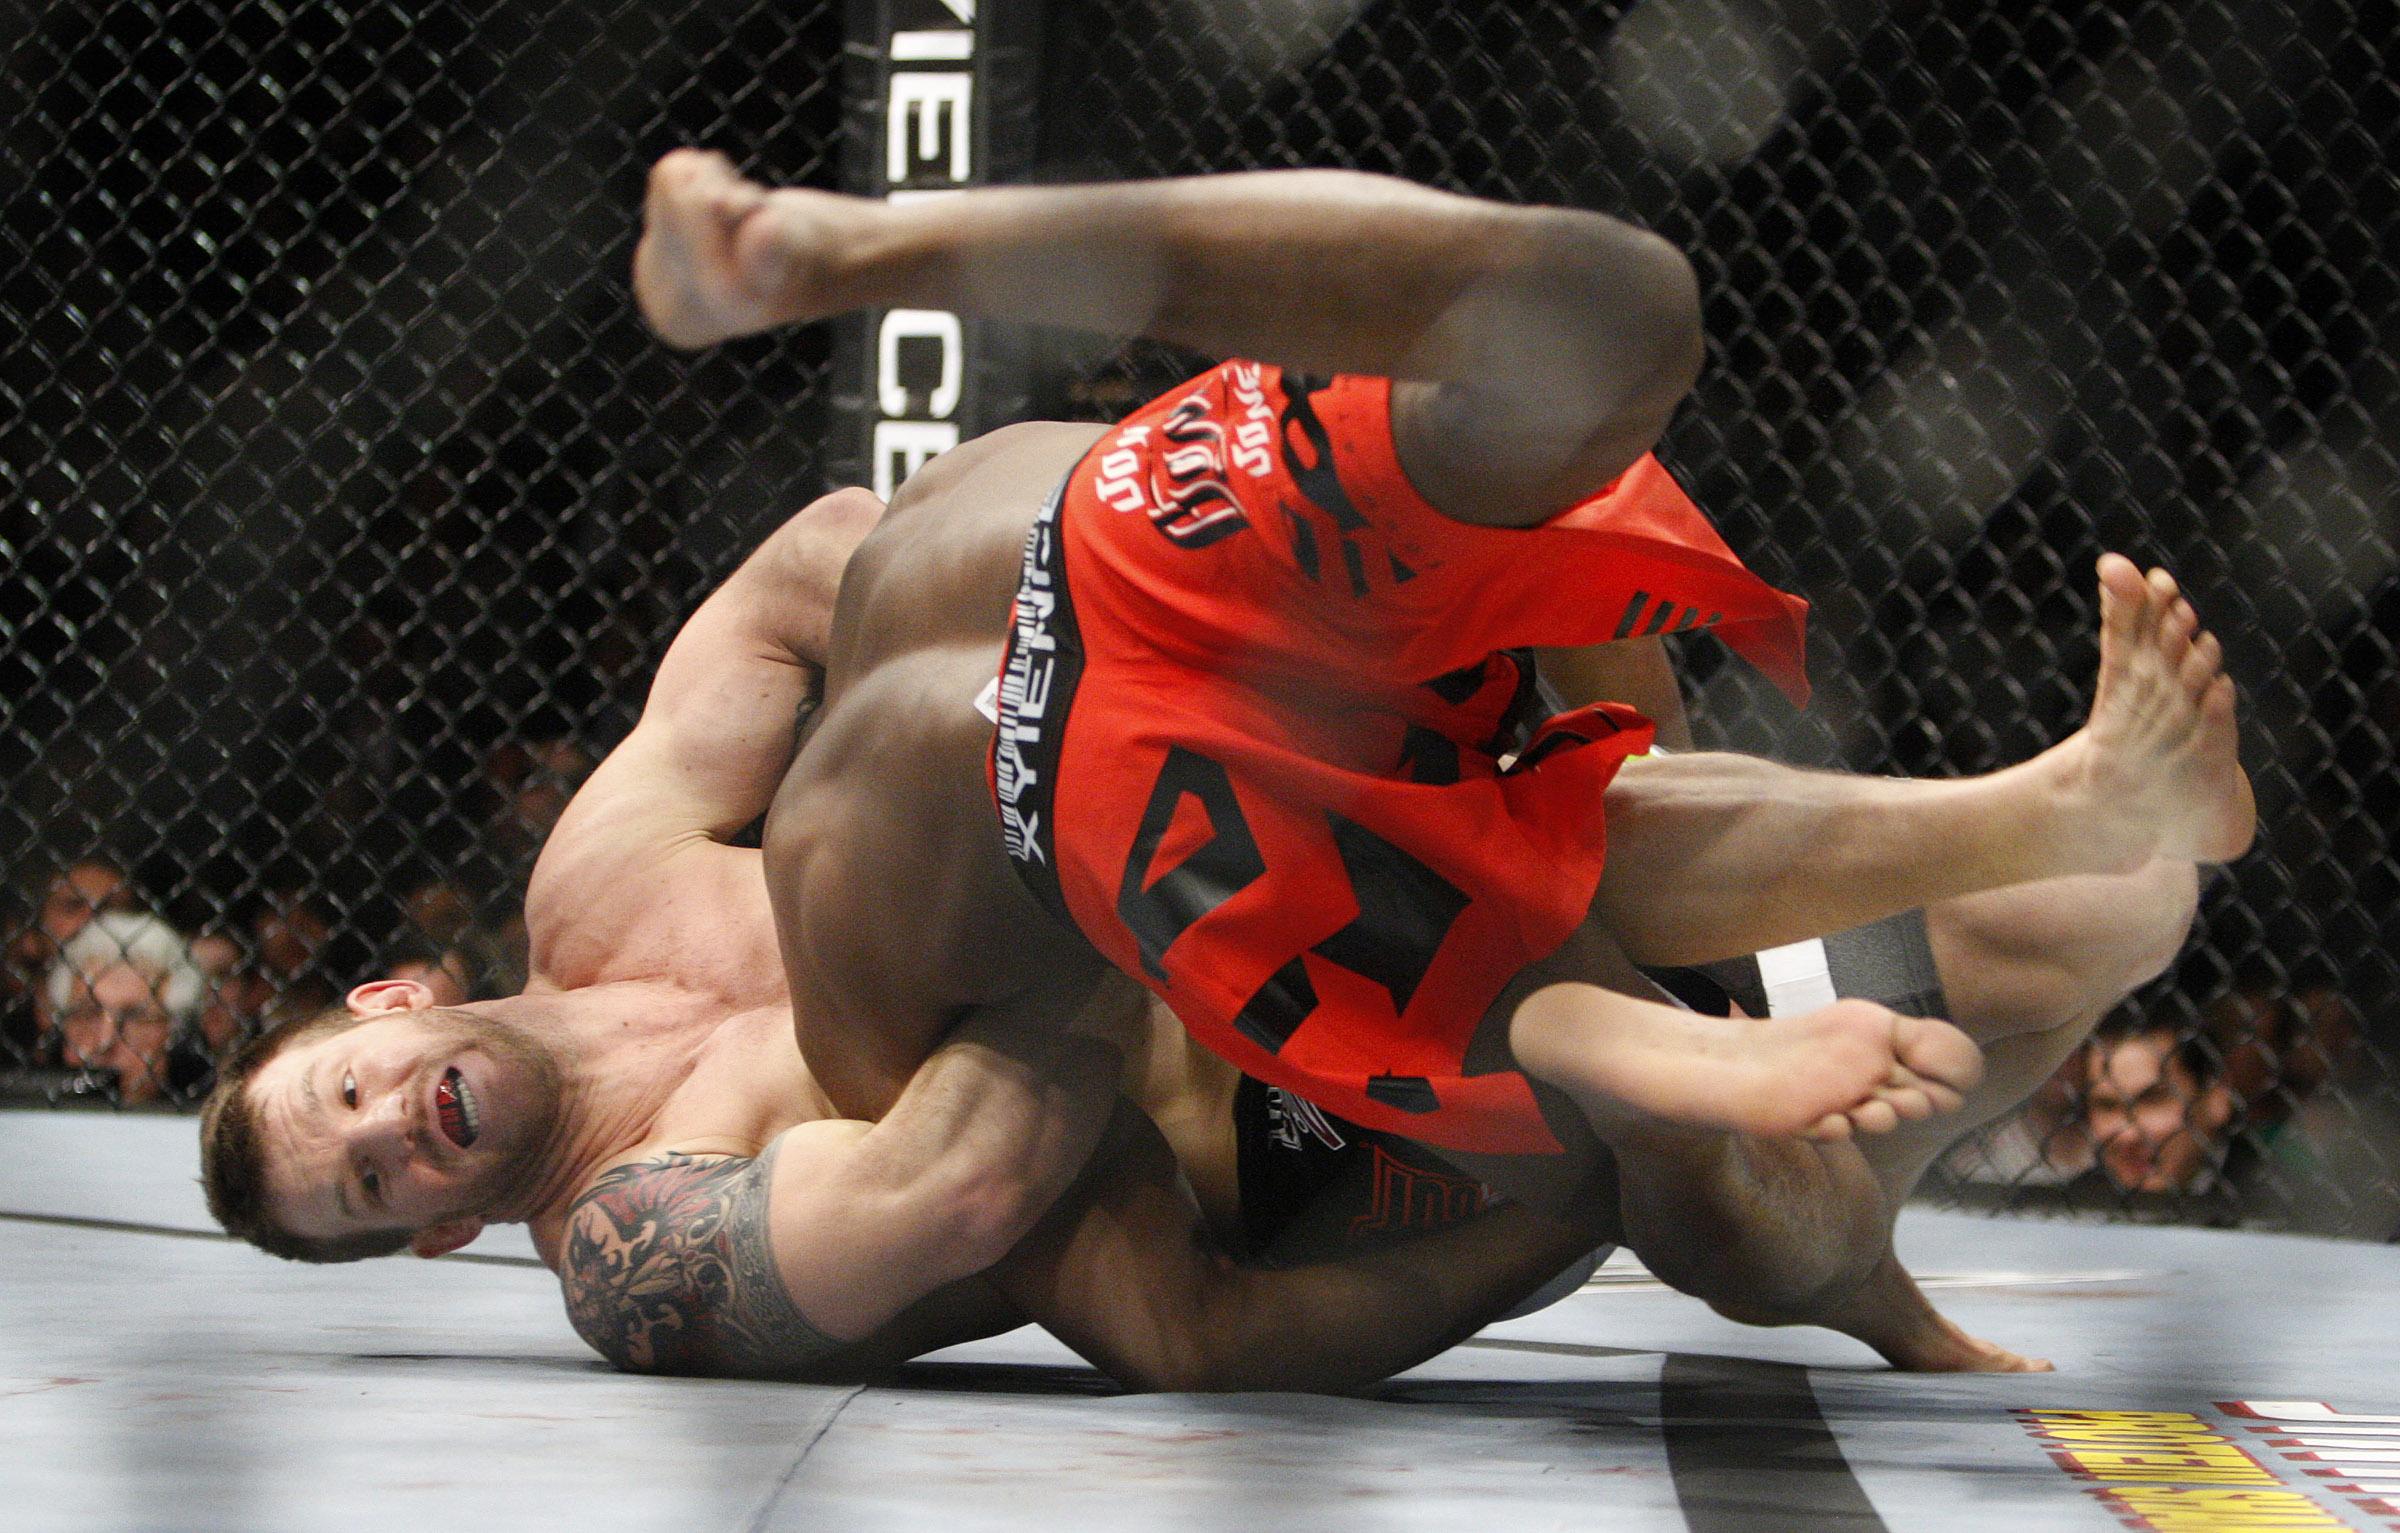 ufc-jones-wrestle1-020511